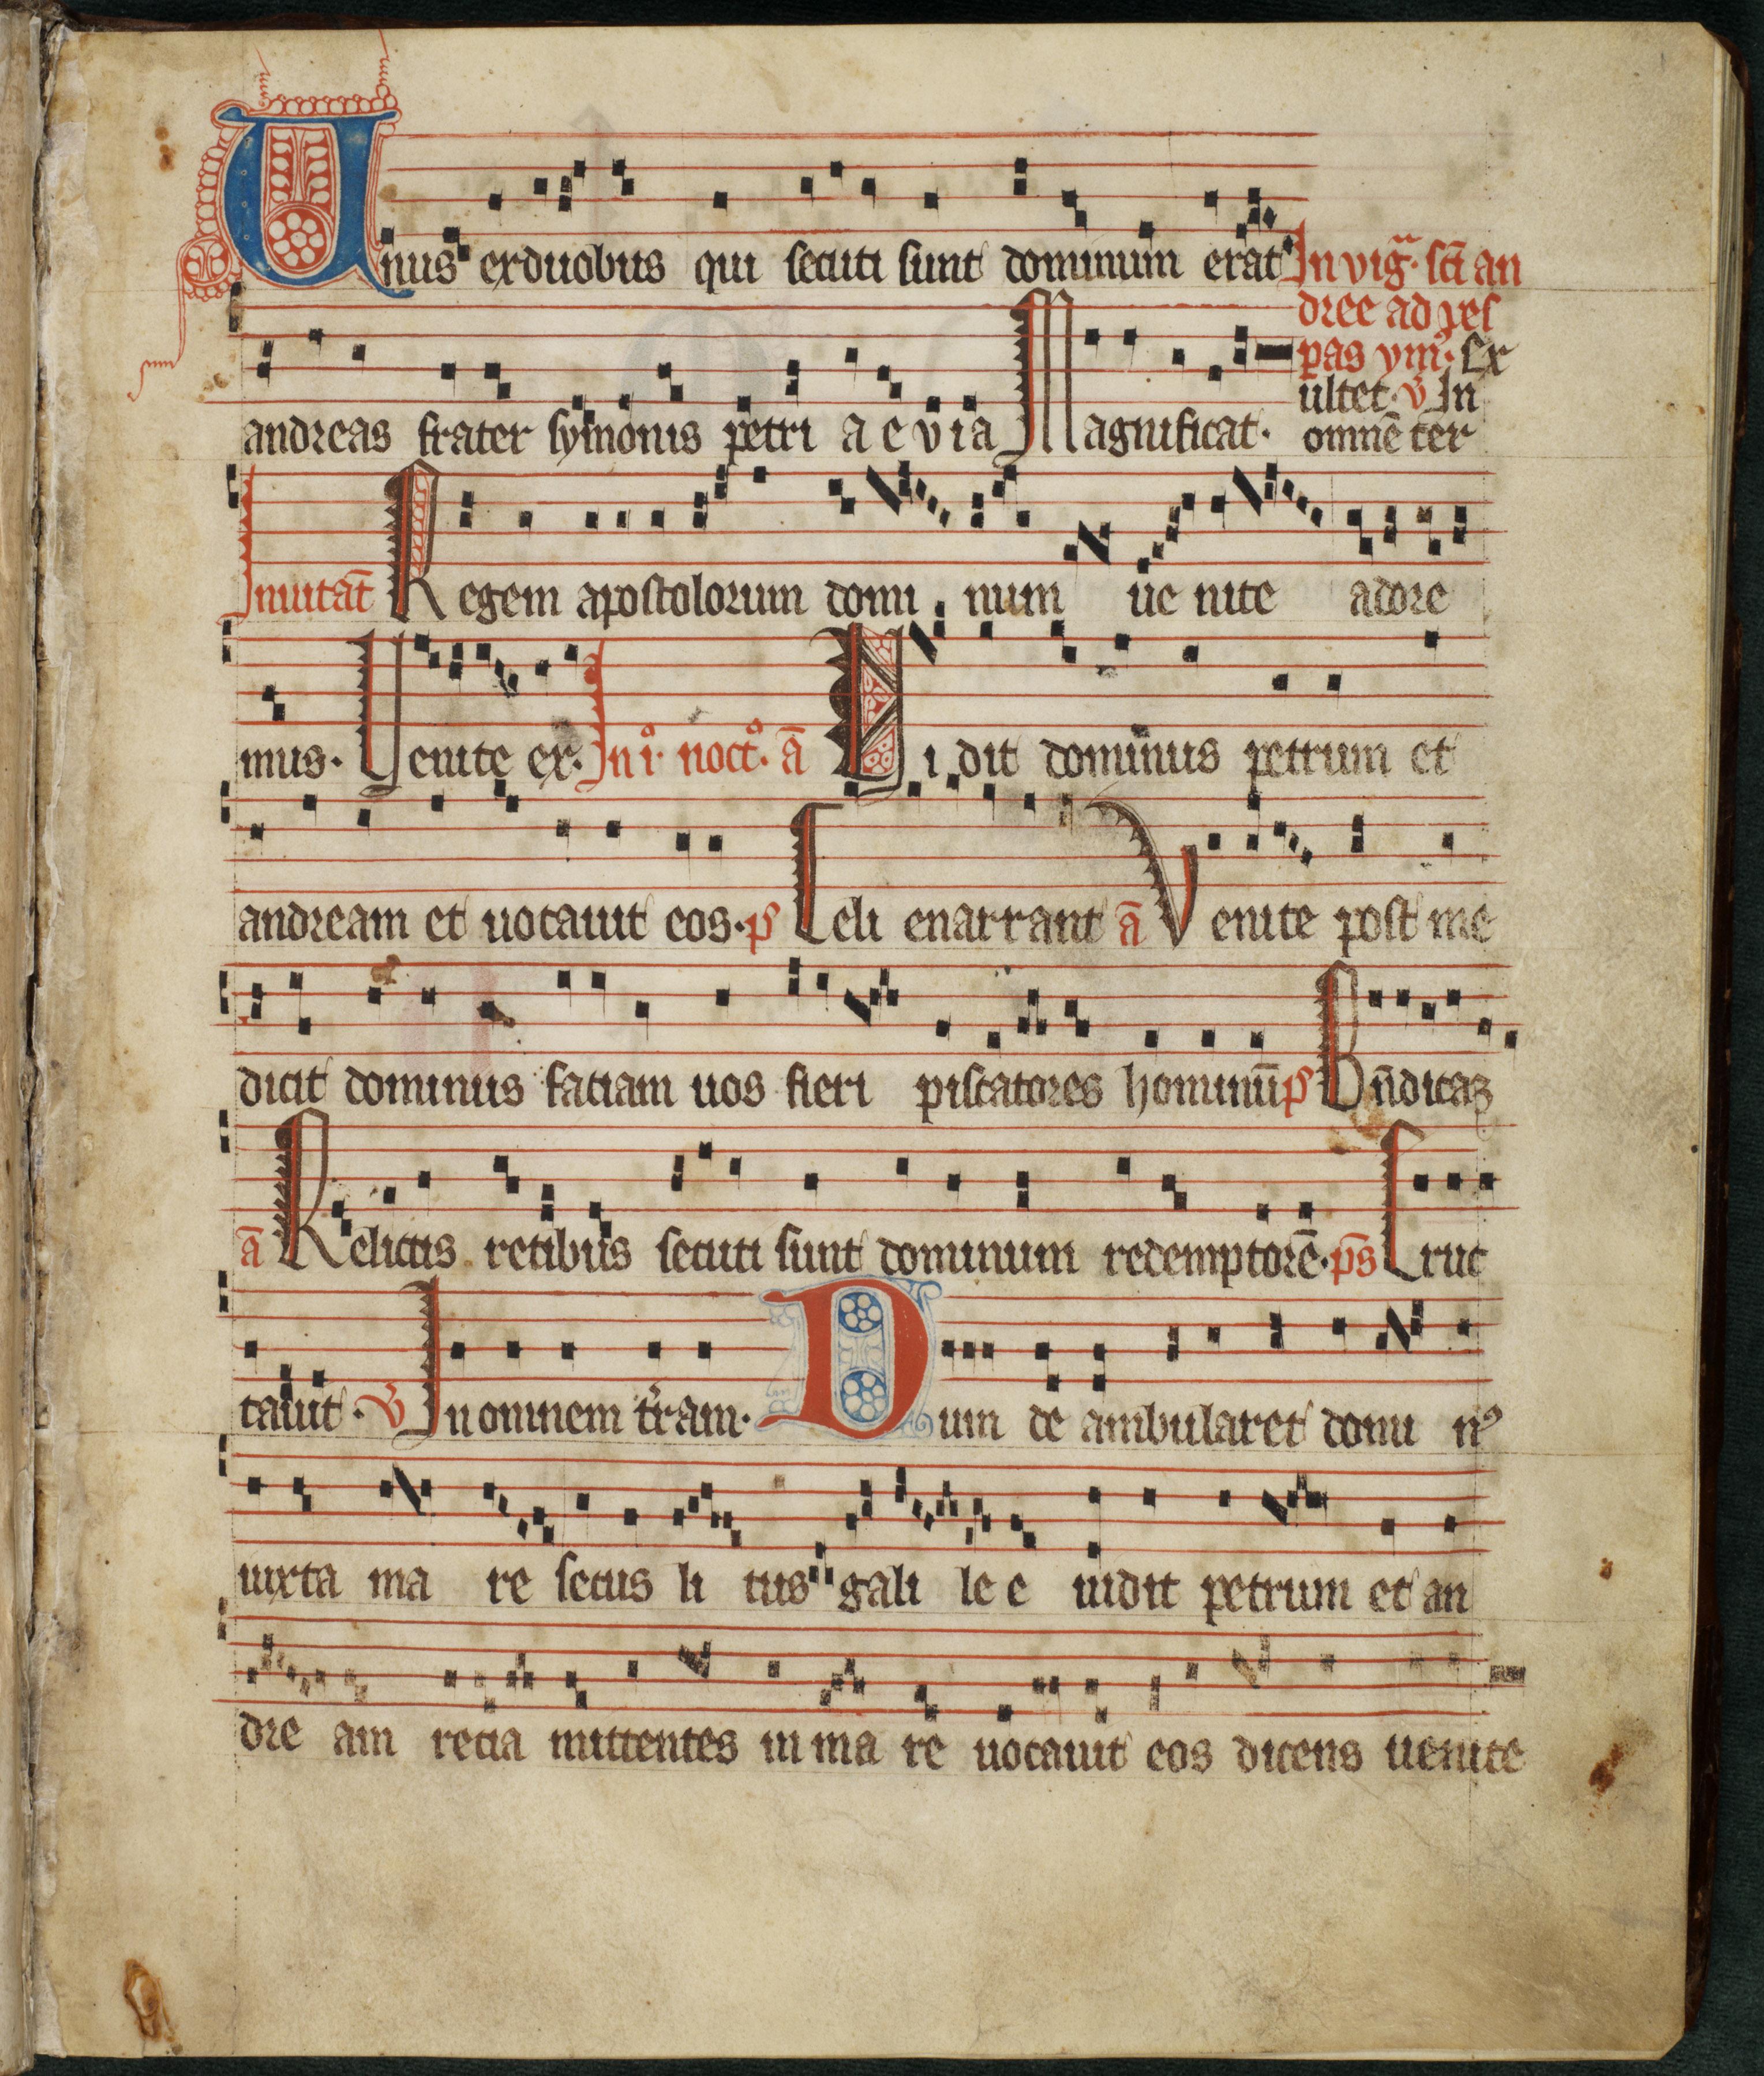 Franciscan Antiphoner